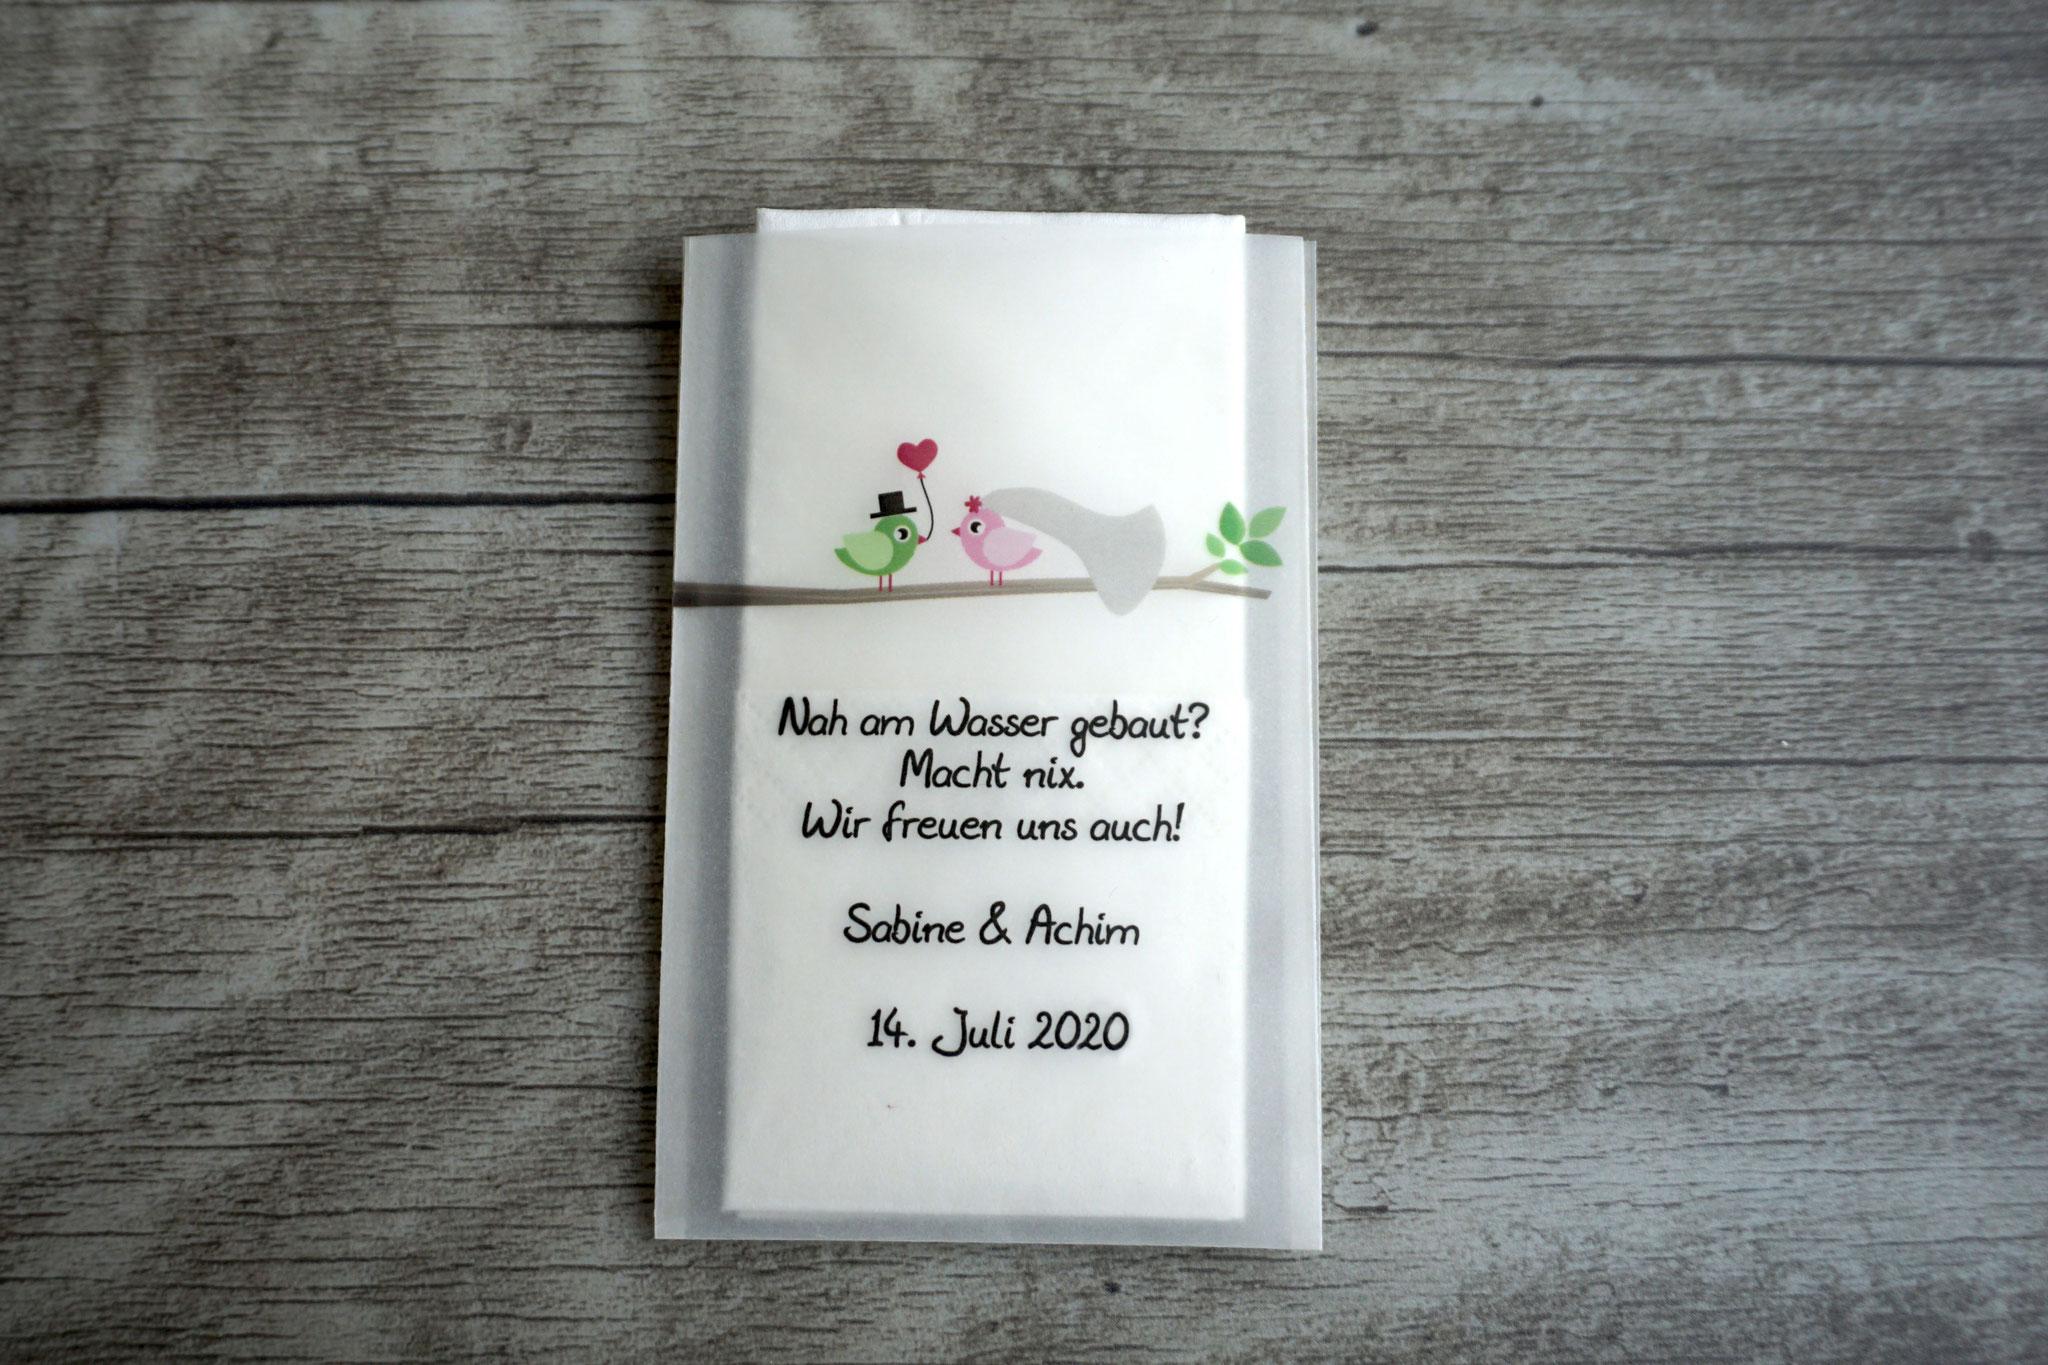 Freudentränen Taschentücher Design Hochzeitsvögel auf Ast, Farbe Rosa/Grün